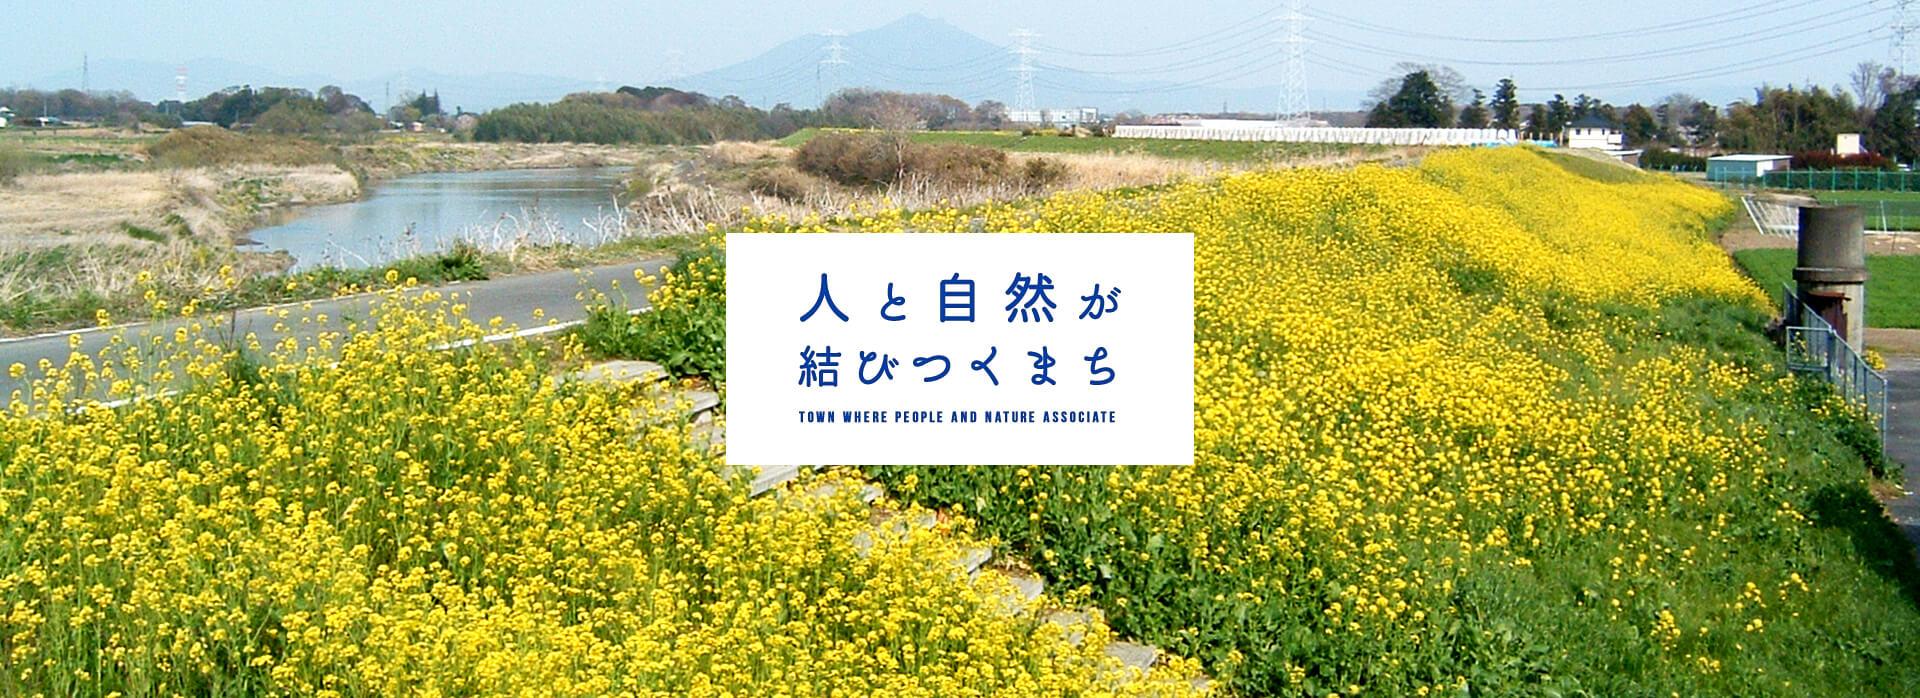 八千代の菜の花